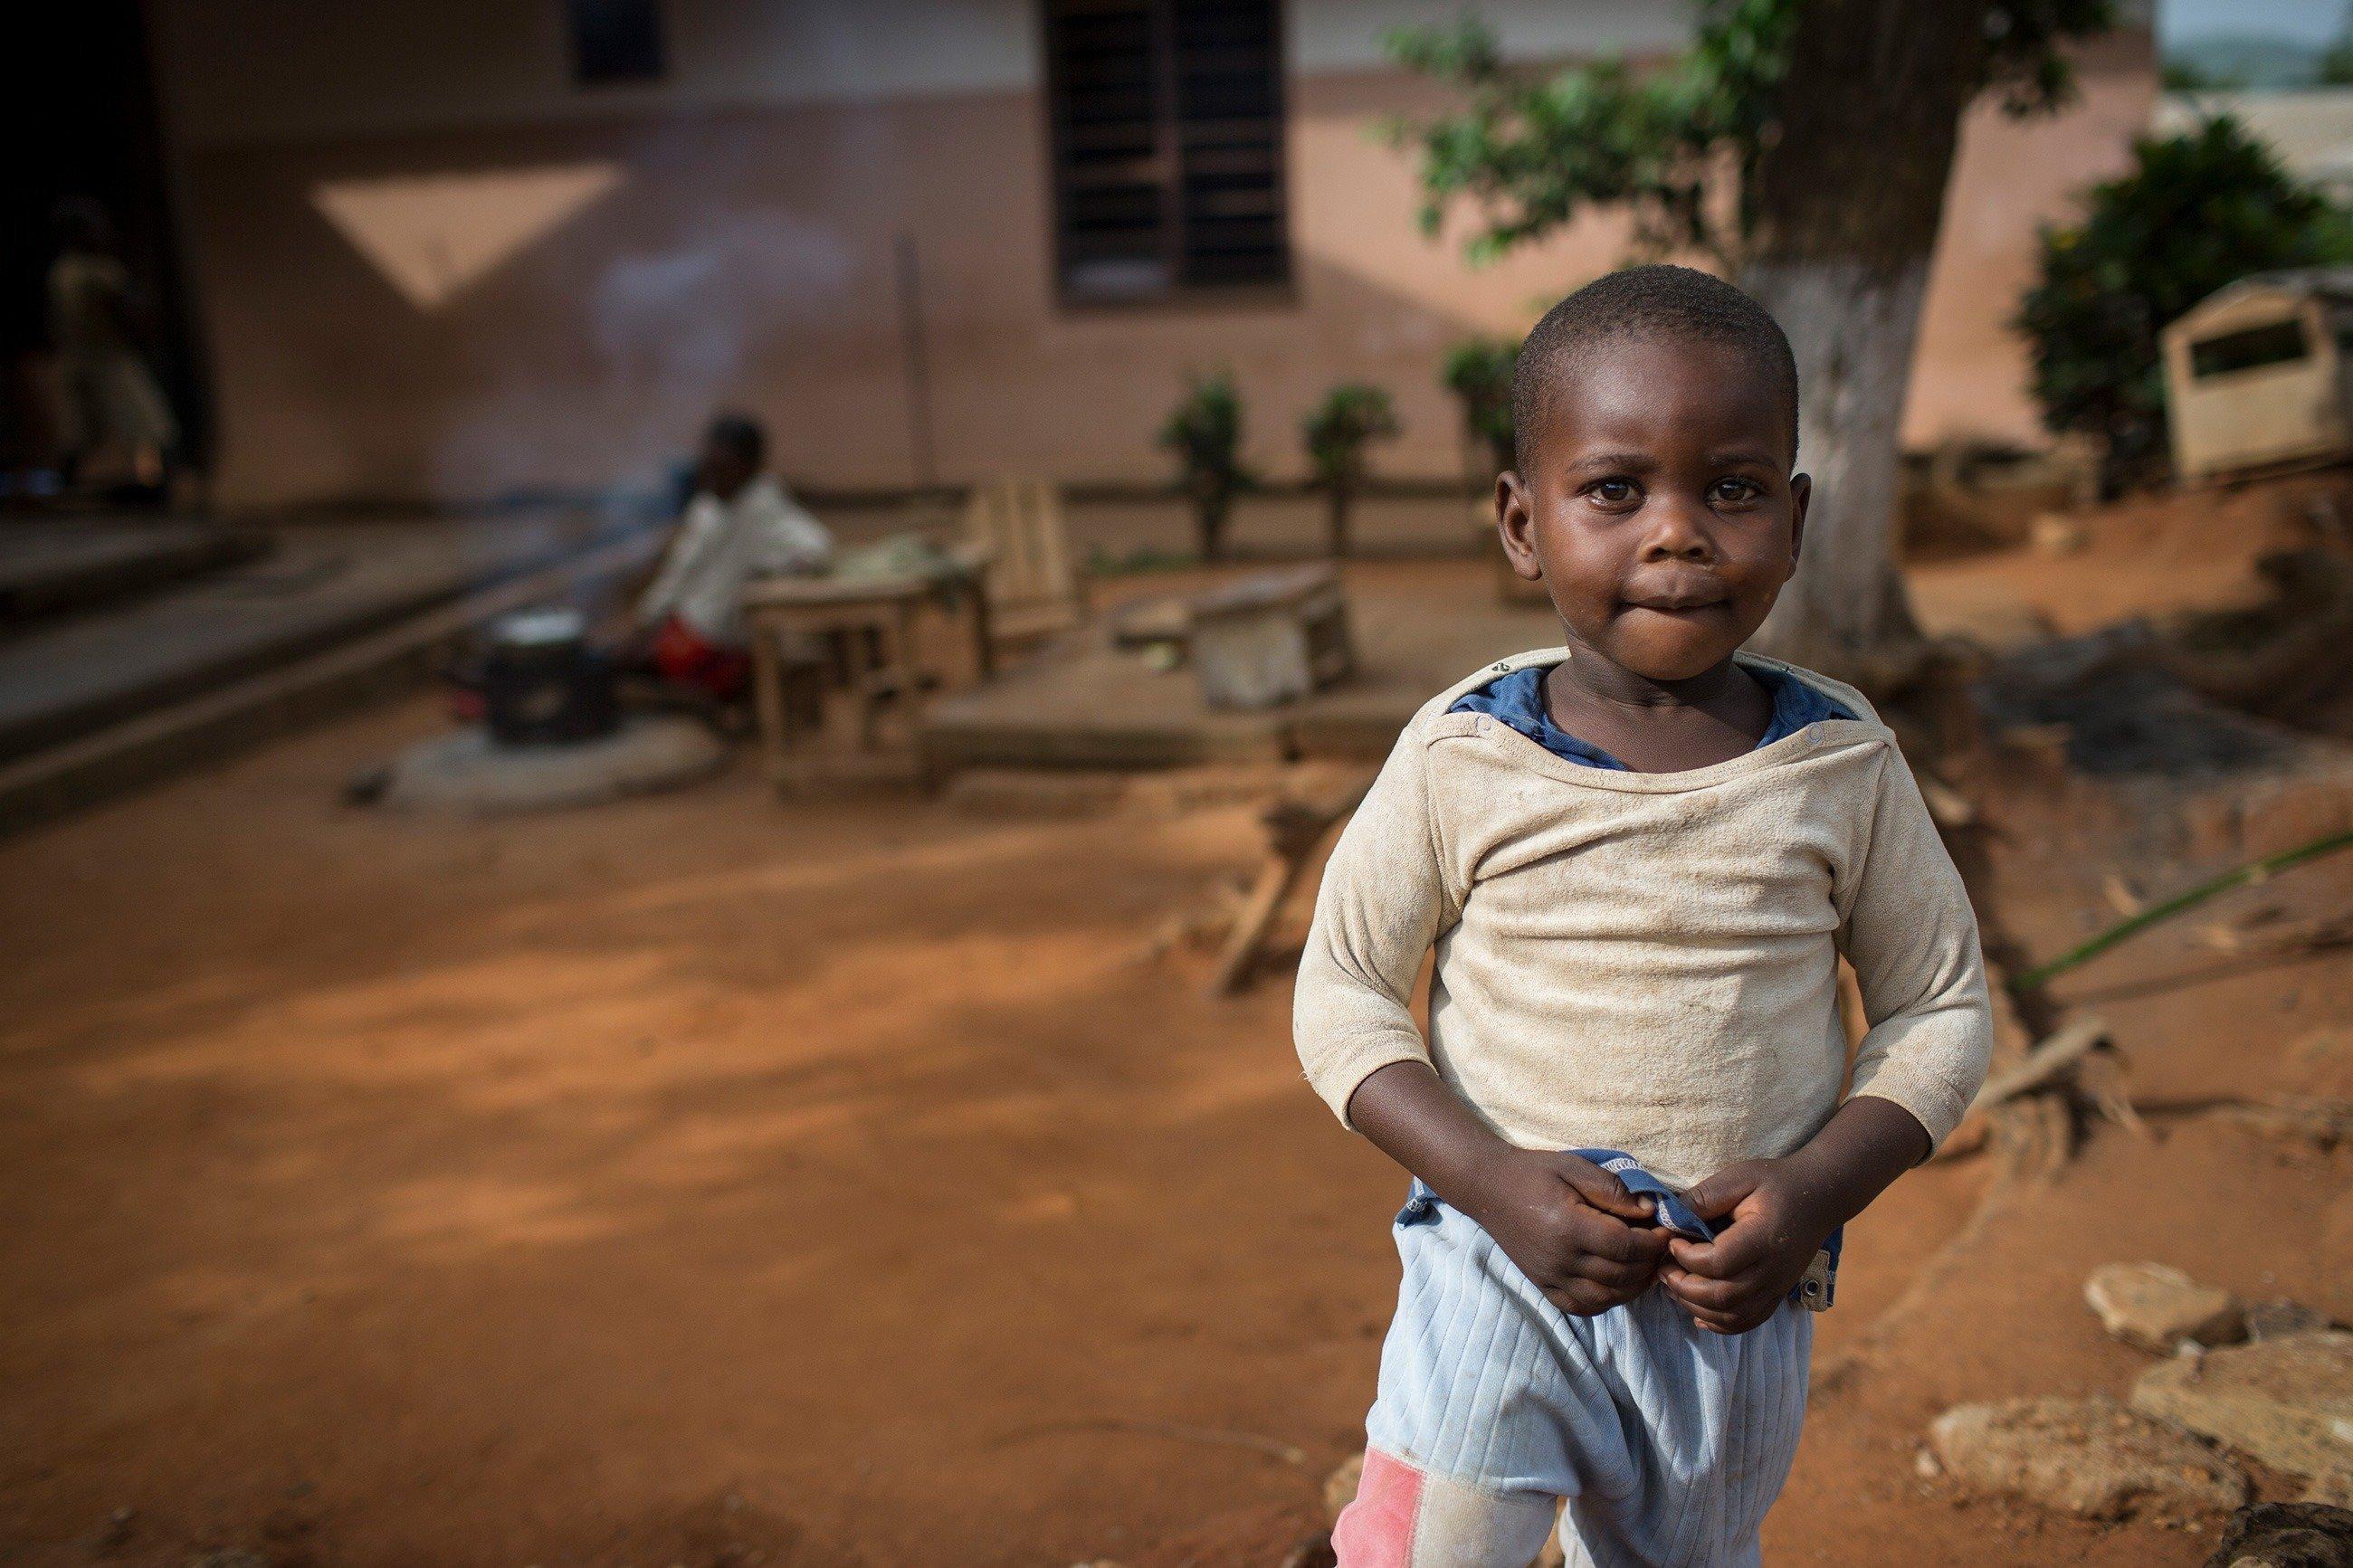 Bambino in abiti poveri